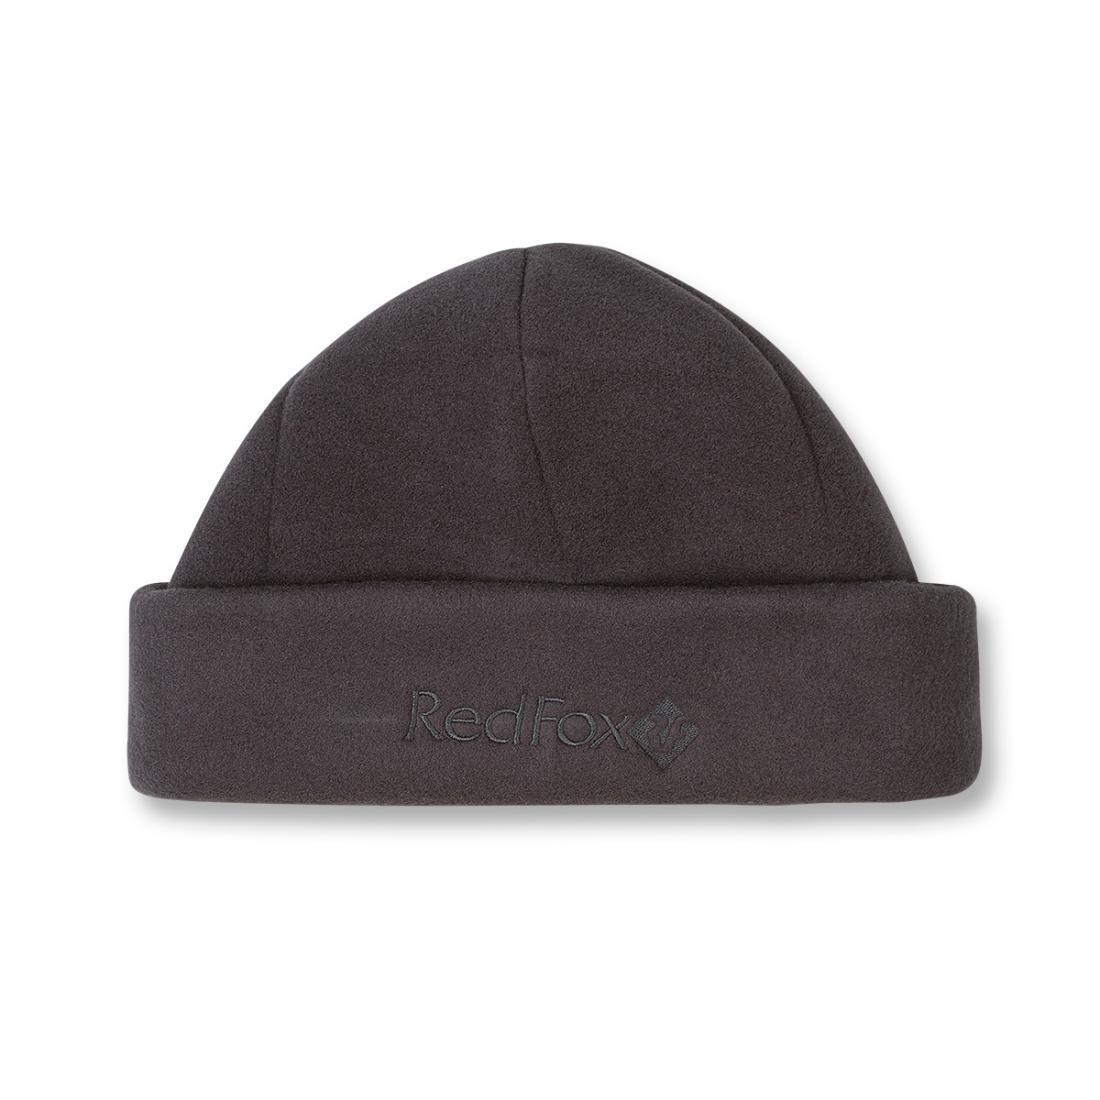 Шапка Polartec ClassicШапки<br><br> Теплая шапка классического дизайна из материала Polartec® 200<br><br><br> Основные характеристики<br><br><br>комфортная посадка<br>эргоном...<br><br>Цвет: Серый<br>Размер: 60